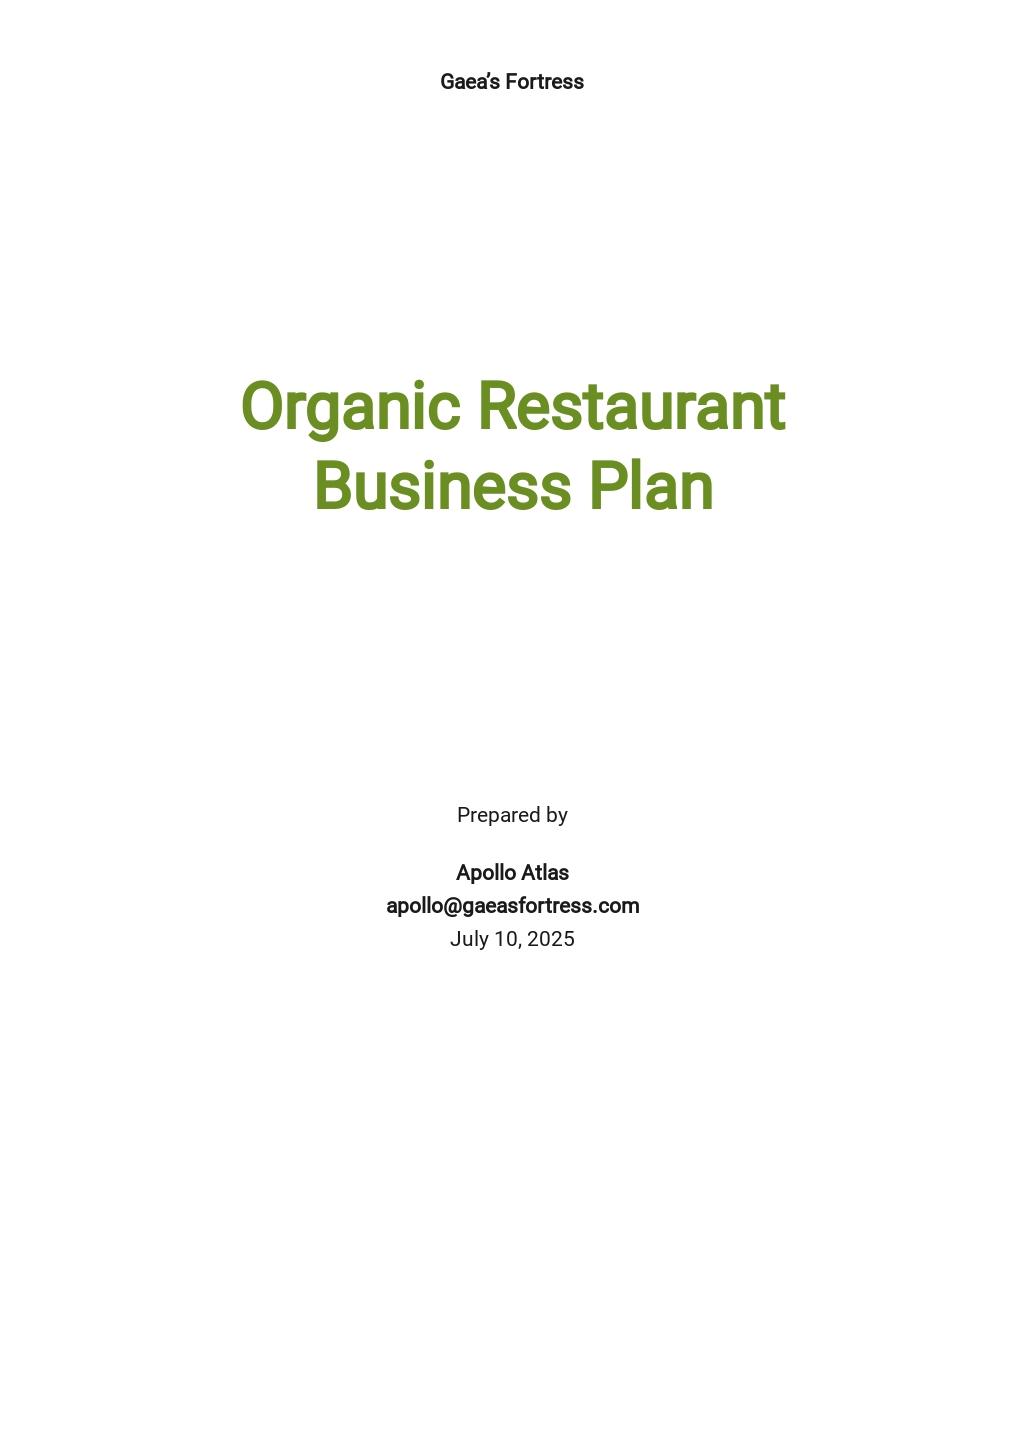 Organic Restaurant Business Plan Template.jpe